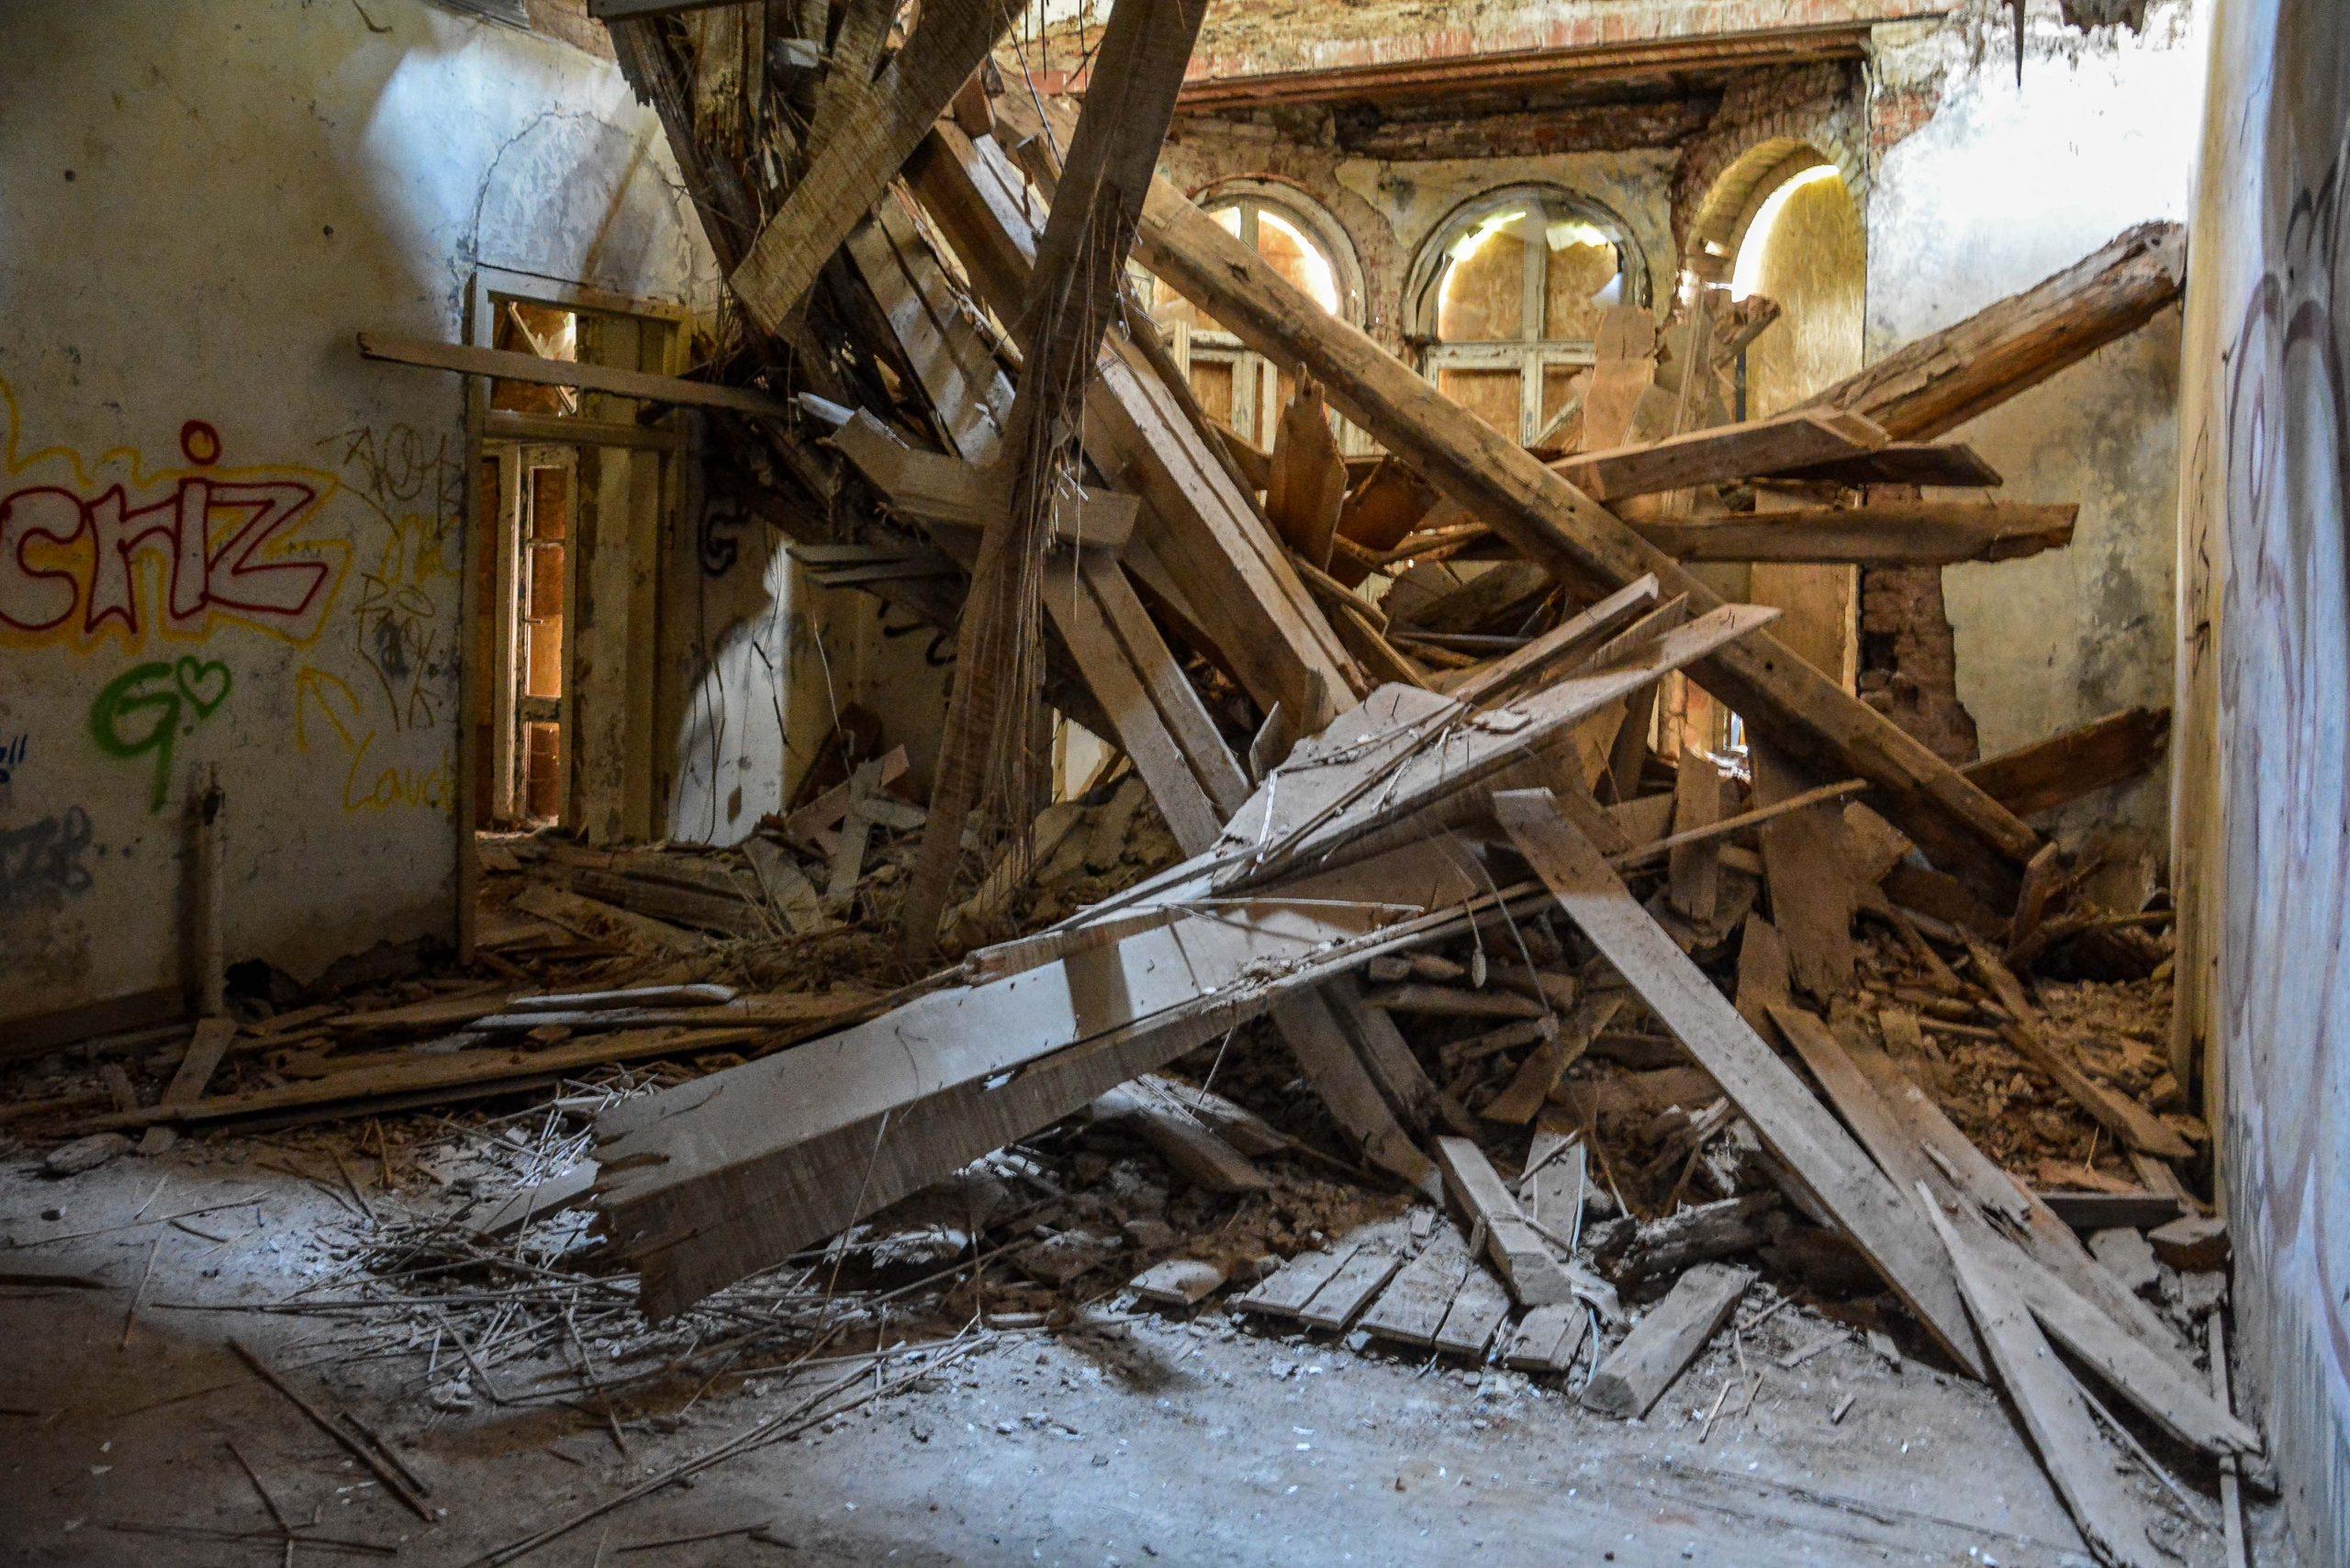 herrenhaus gentzrode dach eingestuerzt lost places brandenburg neuruppin gut gentzrode ost deutschland urbex abandoned